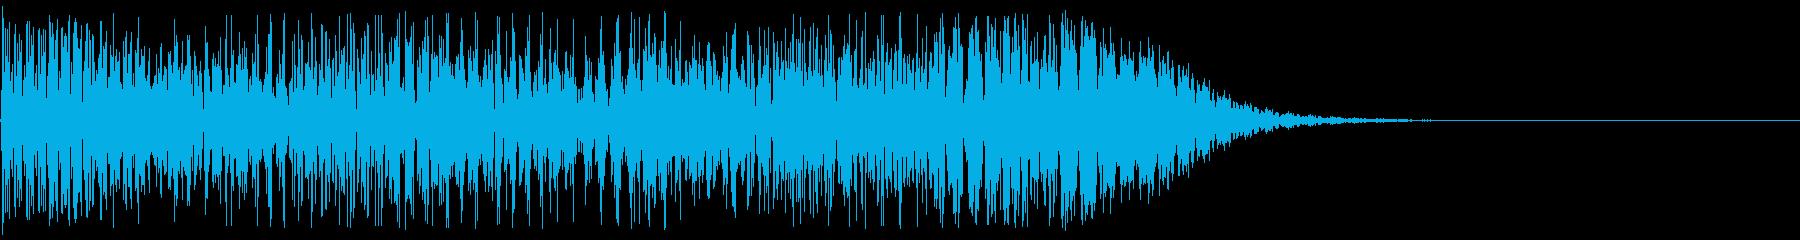 高速なビームが通り過ぎる音の再生済みの波形